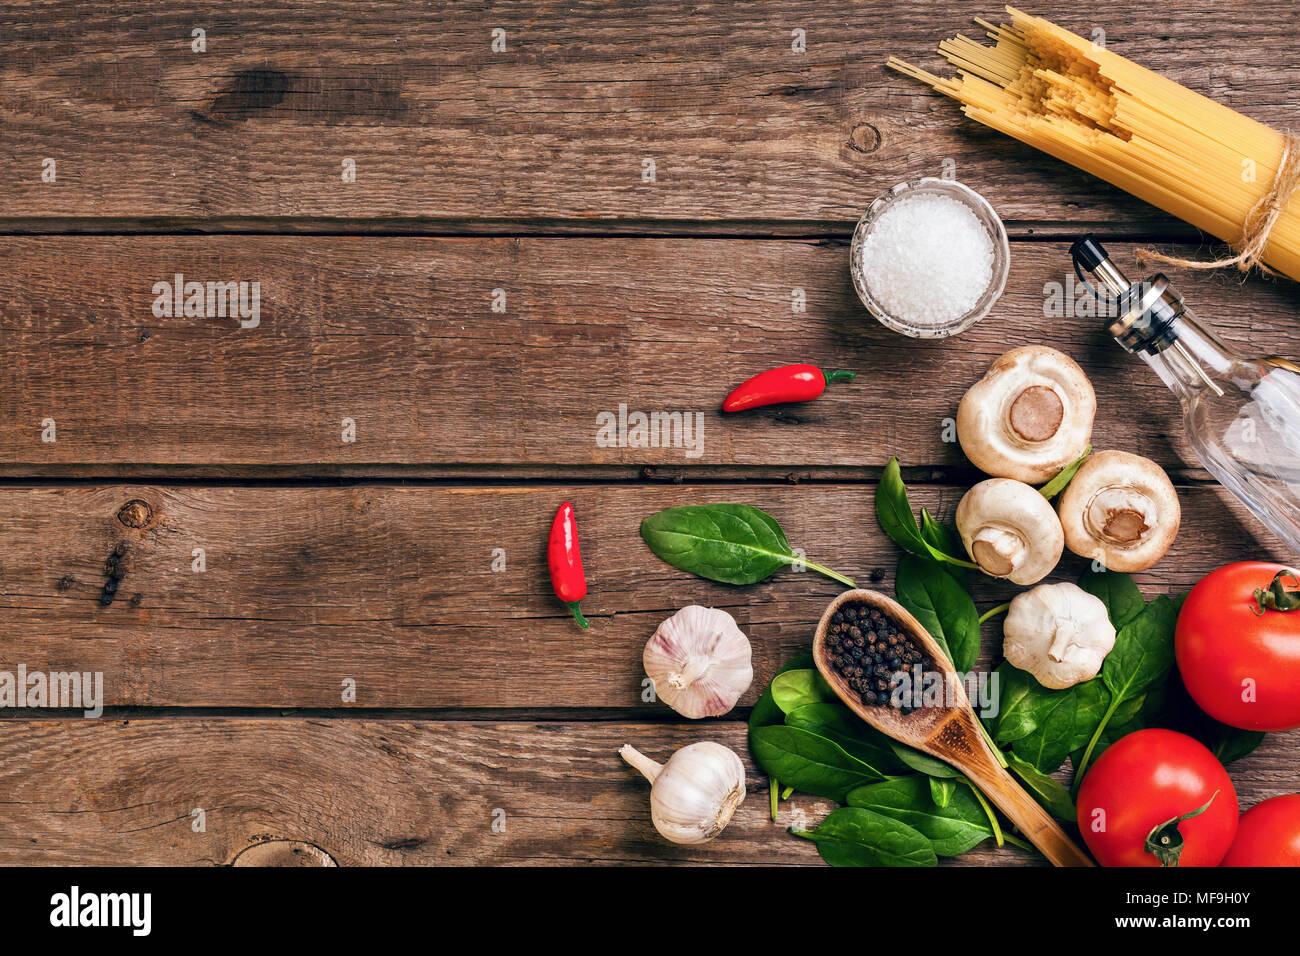 Italienische Küche Zutaten für die Zubereitung Nudeln auf hölzernen Hintergrund Stockbild